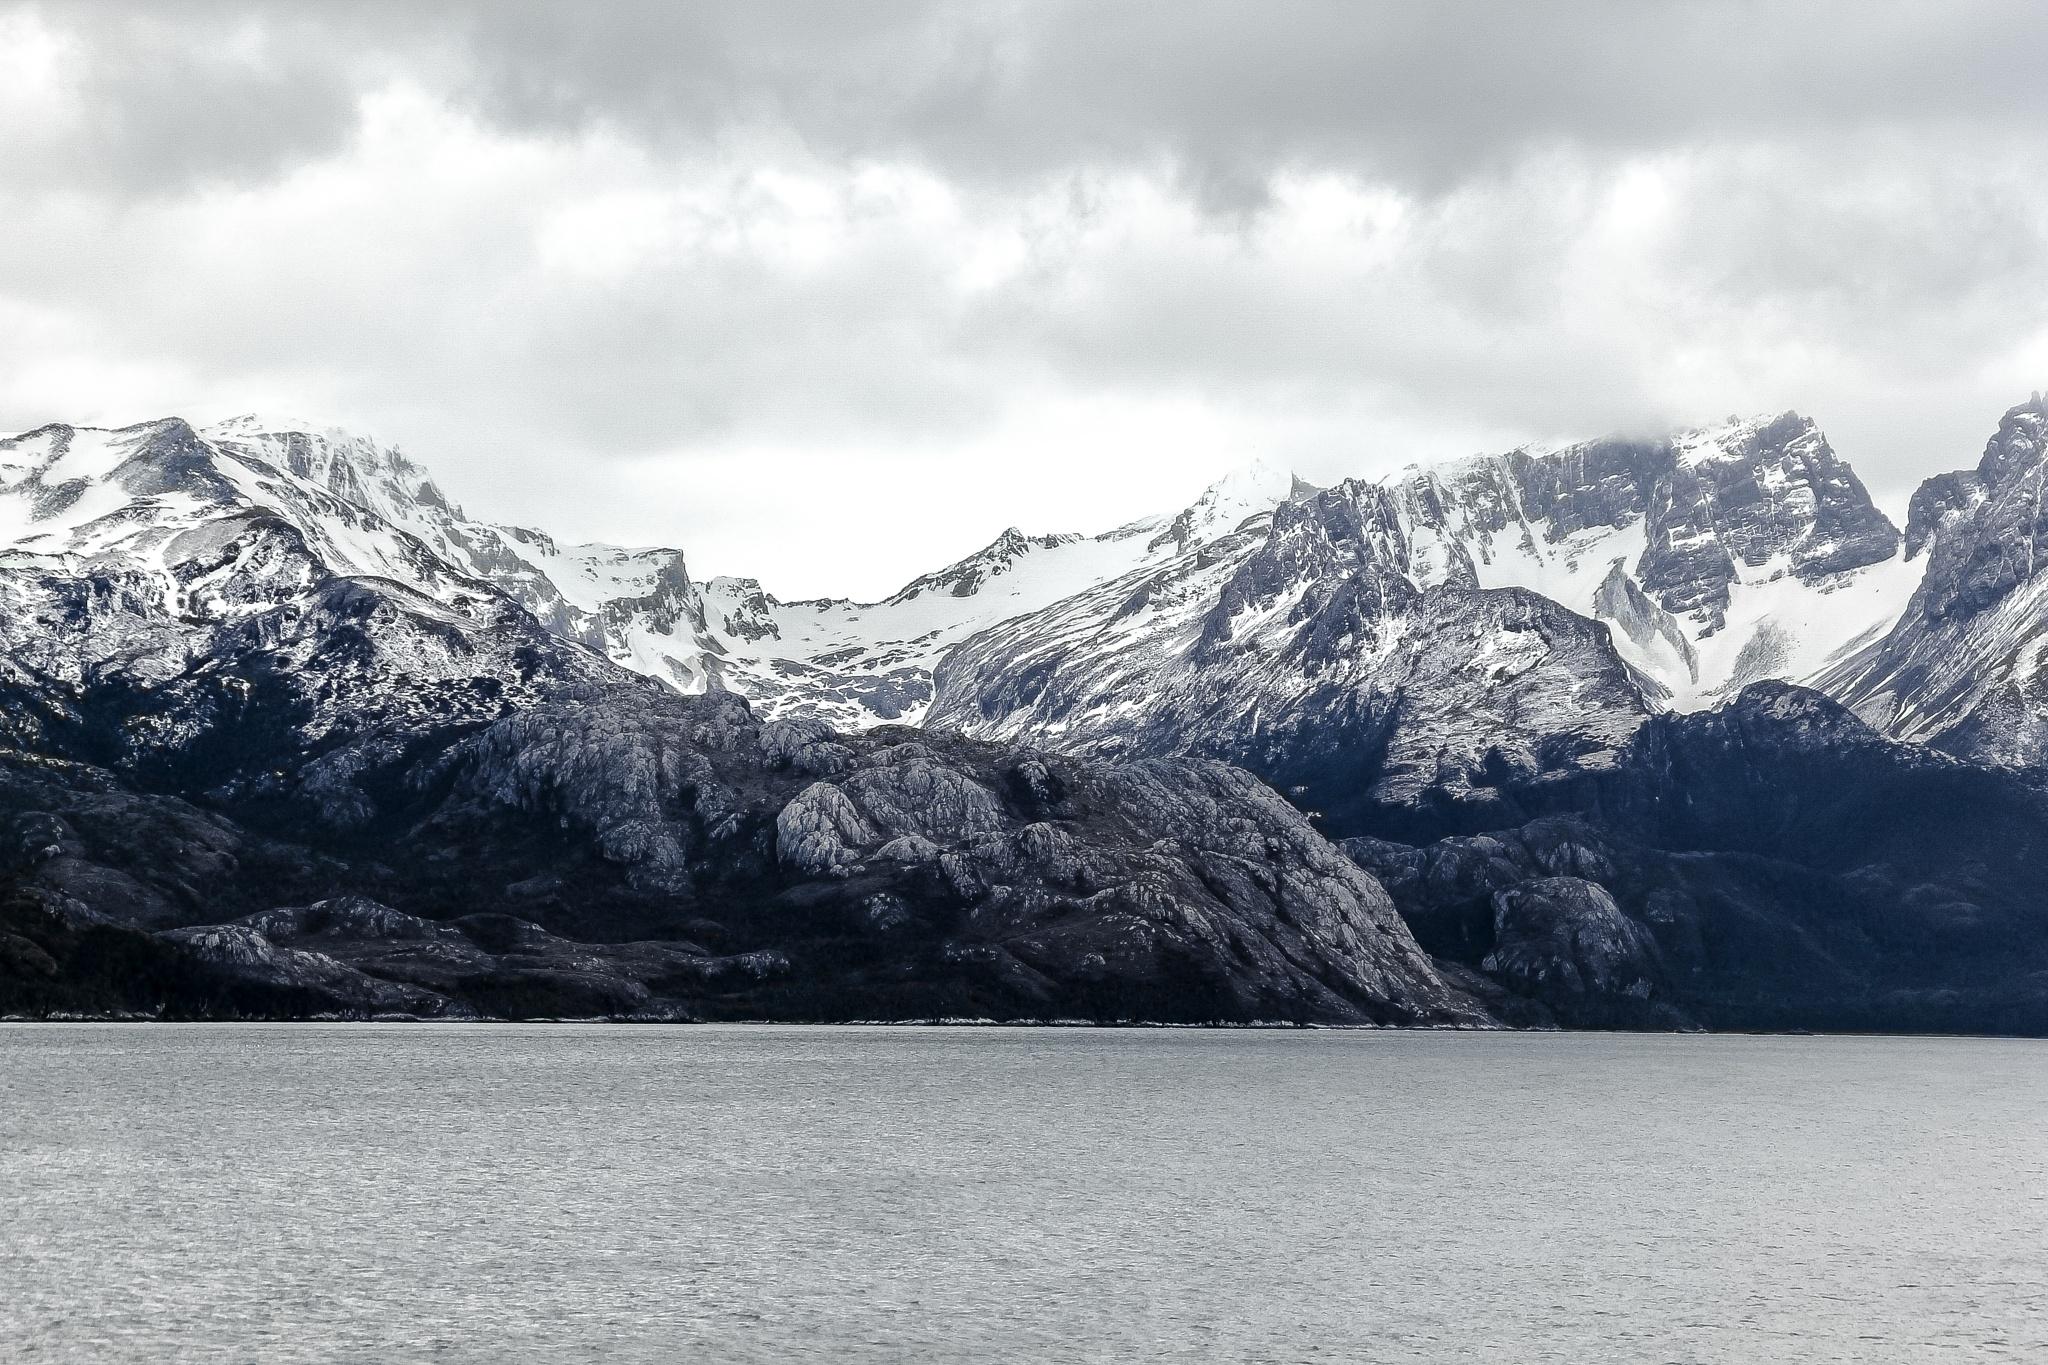 Beagle Channel, Tierra del Fuego, Chile by Crachin